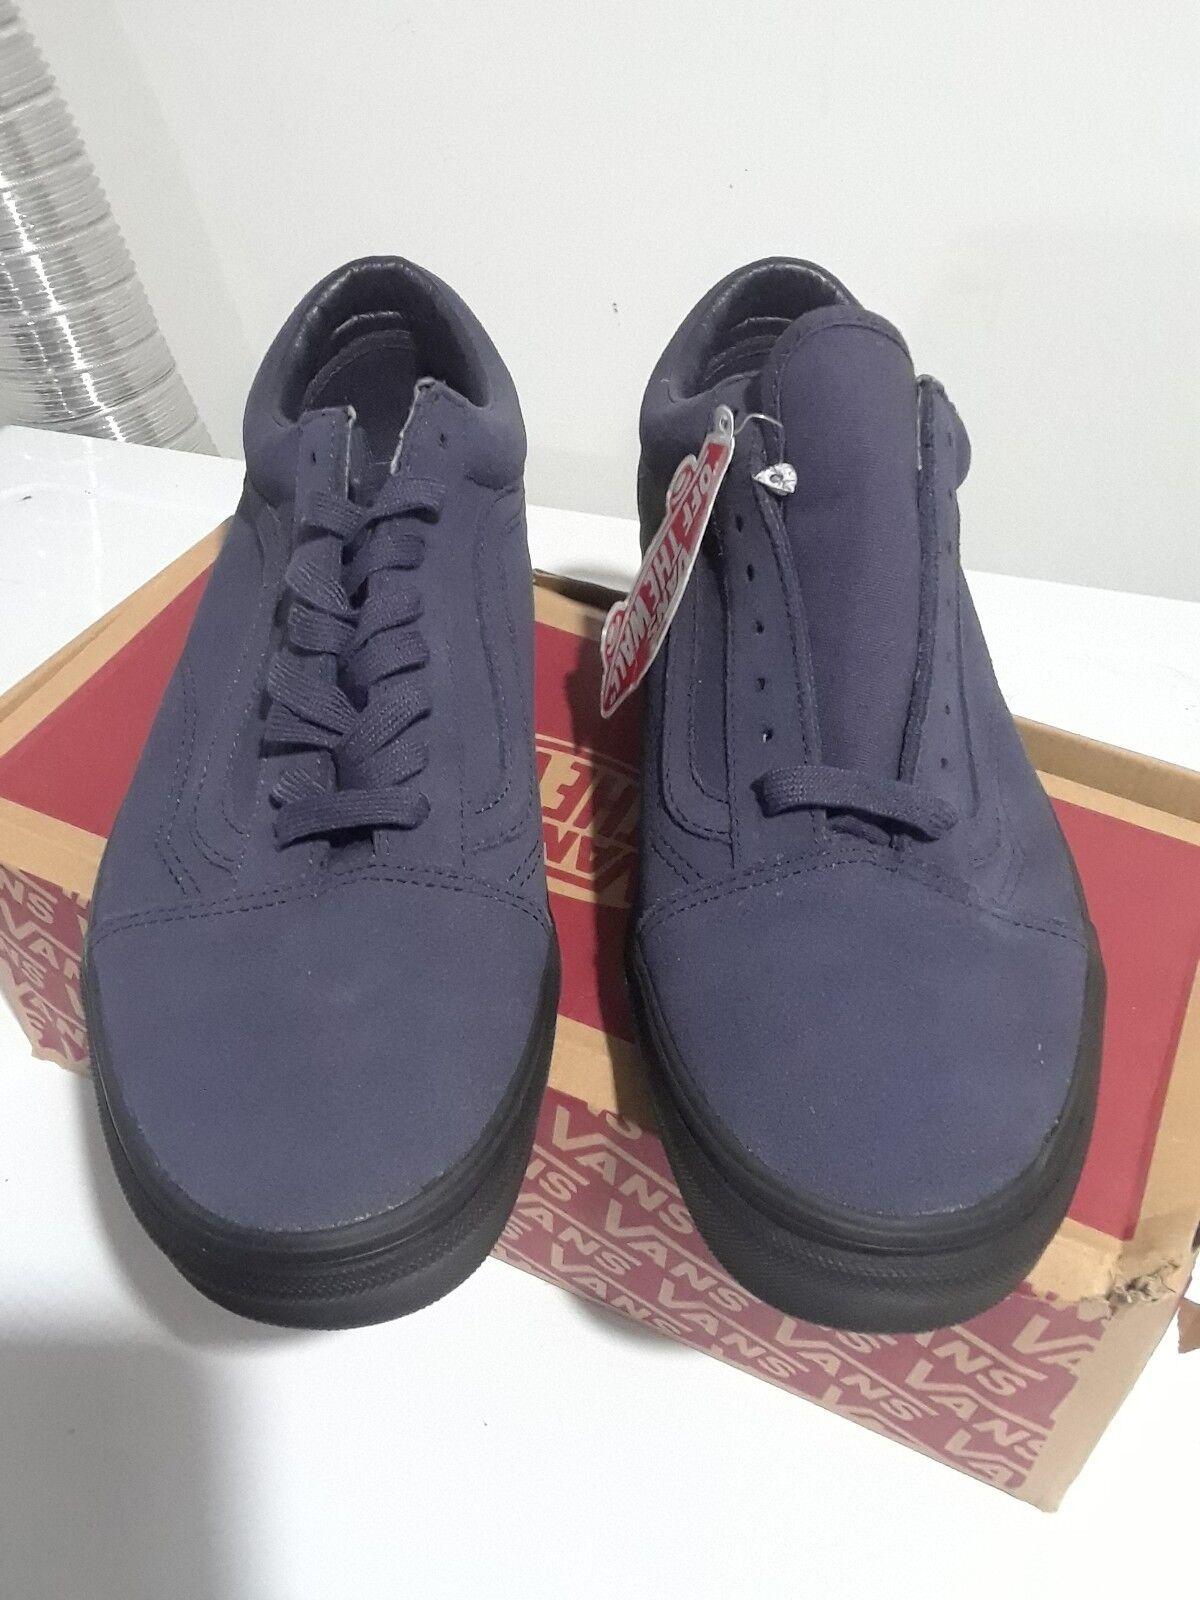 Vans Old Größe Skool Suede Sneakers Schuhes Größe Old 10 NIB Blau 5af276